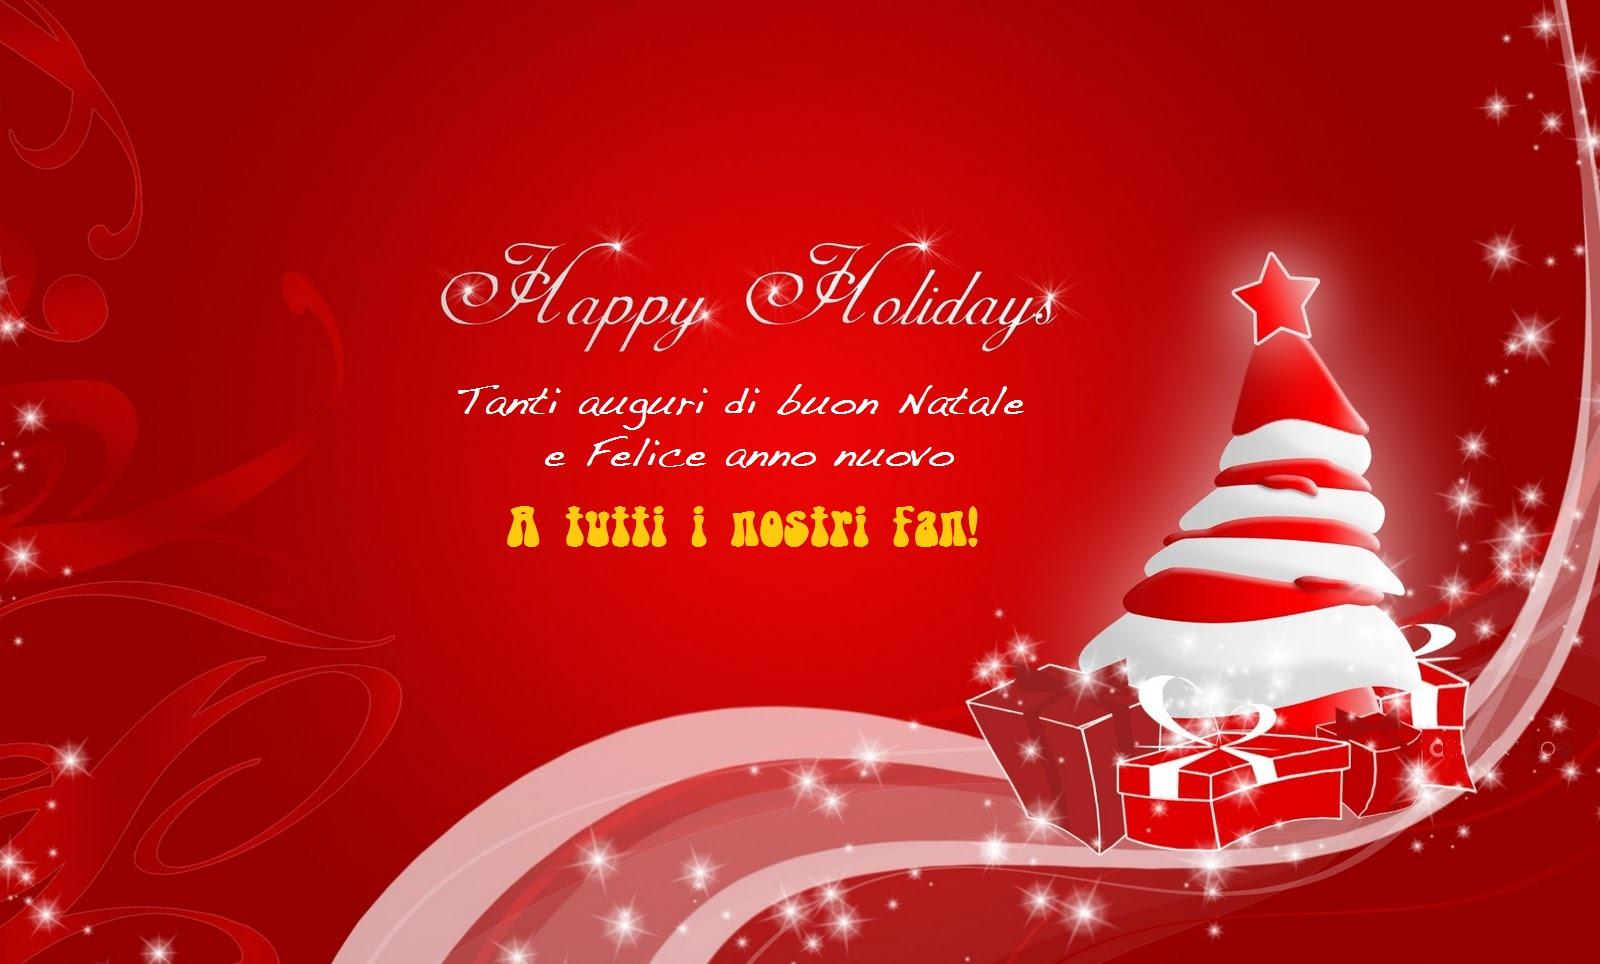 Buon Natale E Buone Feste Natalizie.Dicembre 2015 Vezzolacca It